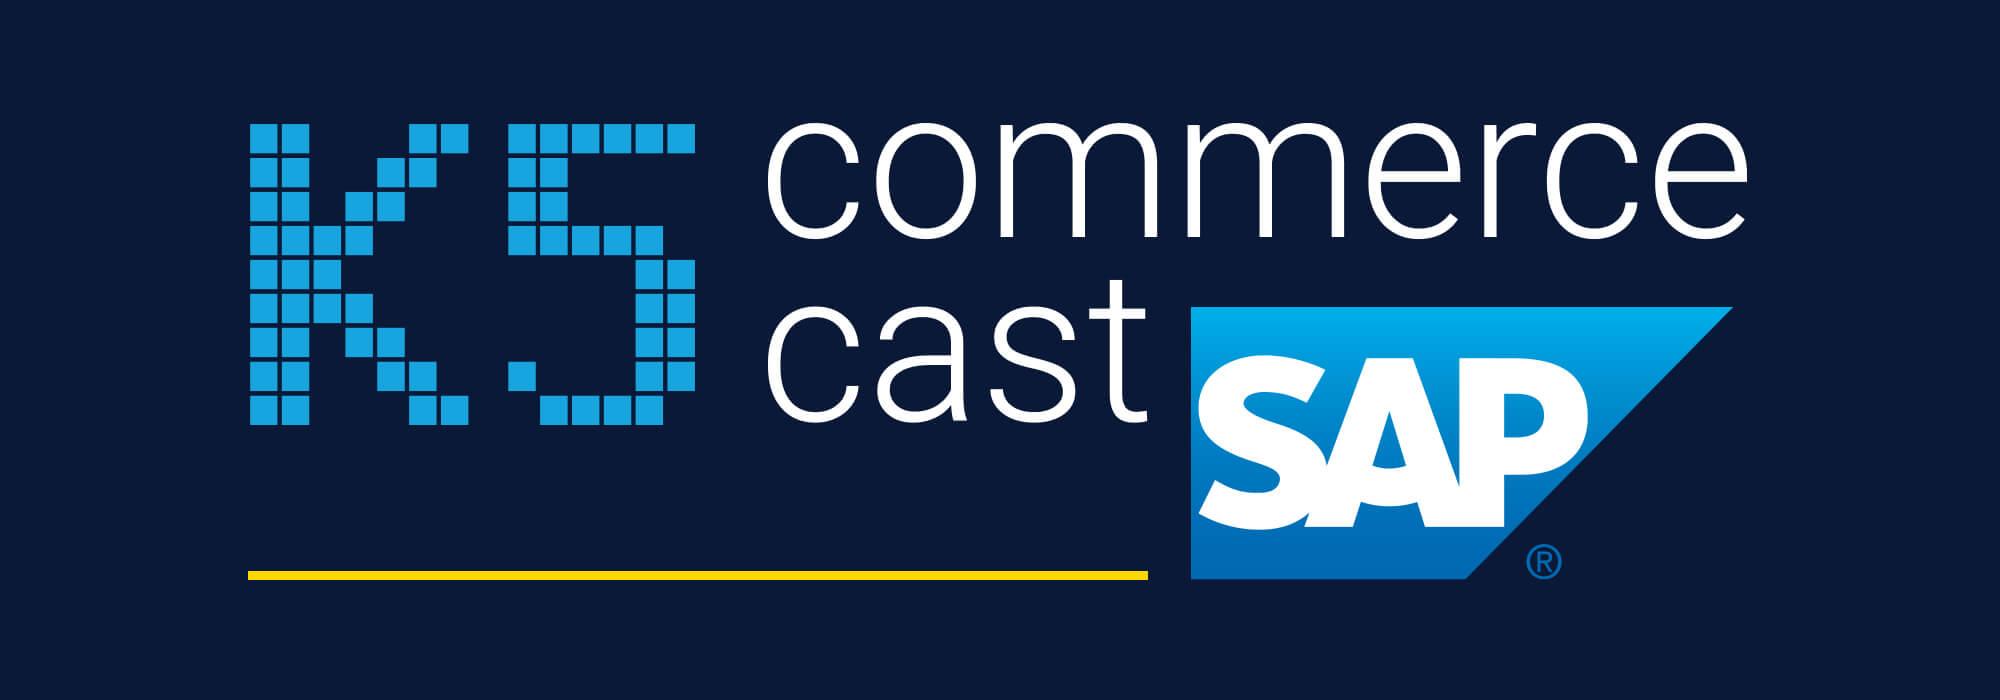 K5 Commerce cast SAP